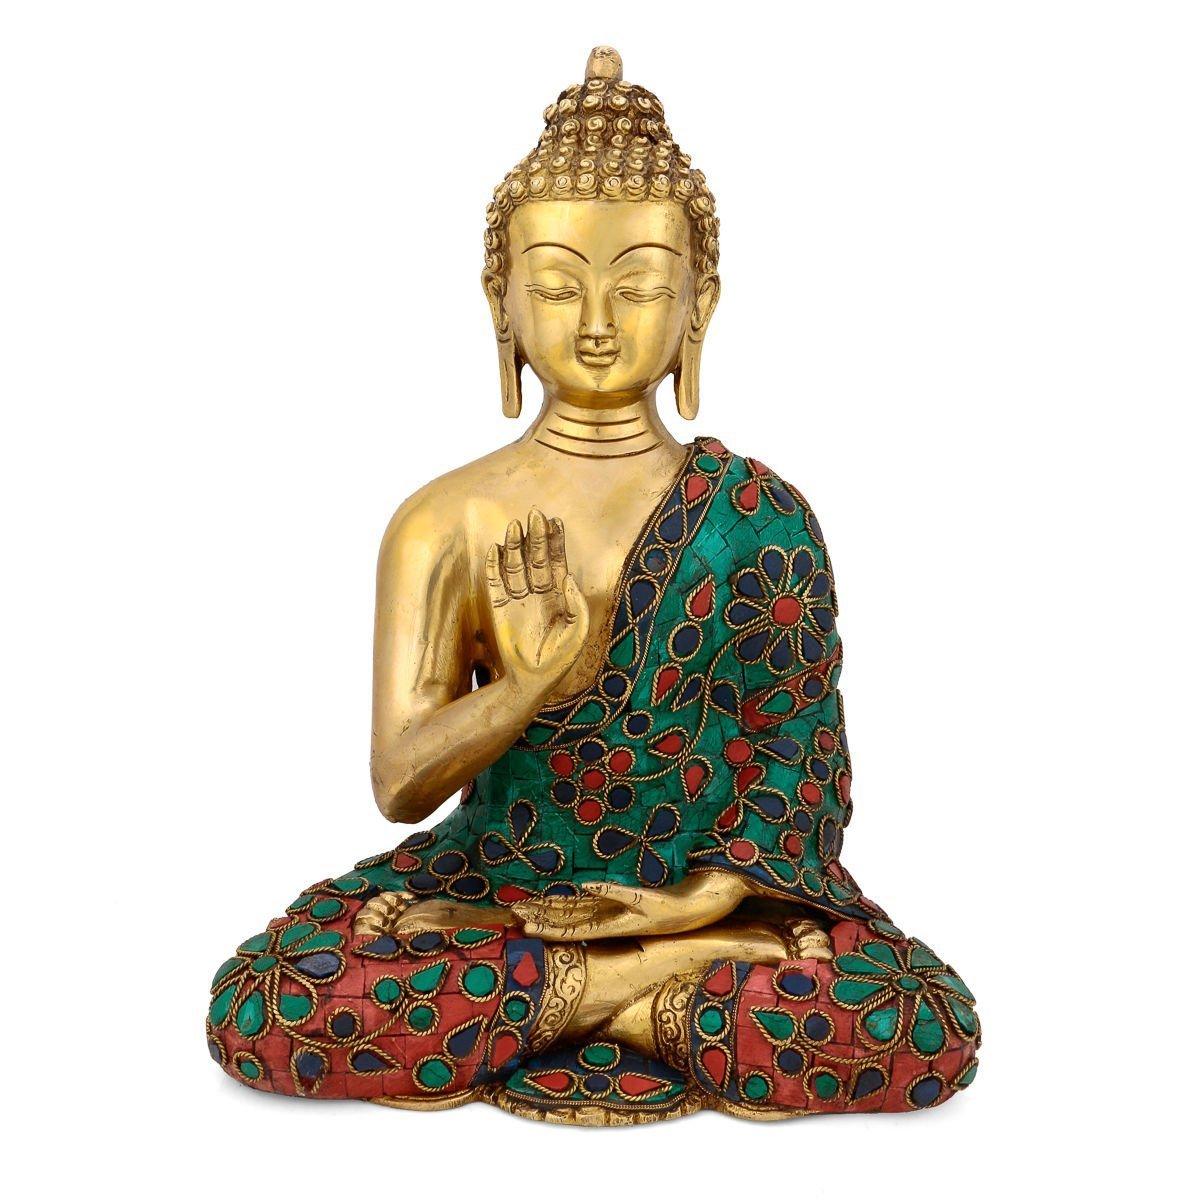 AapnoCraft 11'' Abhaya Buddha Idols -Tibetan Brass Blessing Buddha Statue With Coral Stone Work Handmade Buddhism Figurine Anniversary Gifts by AapnoCraft